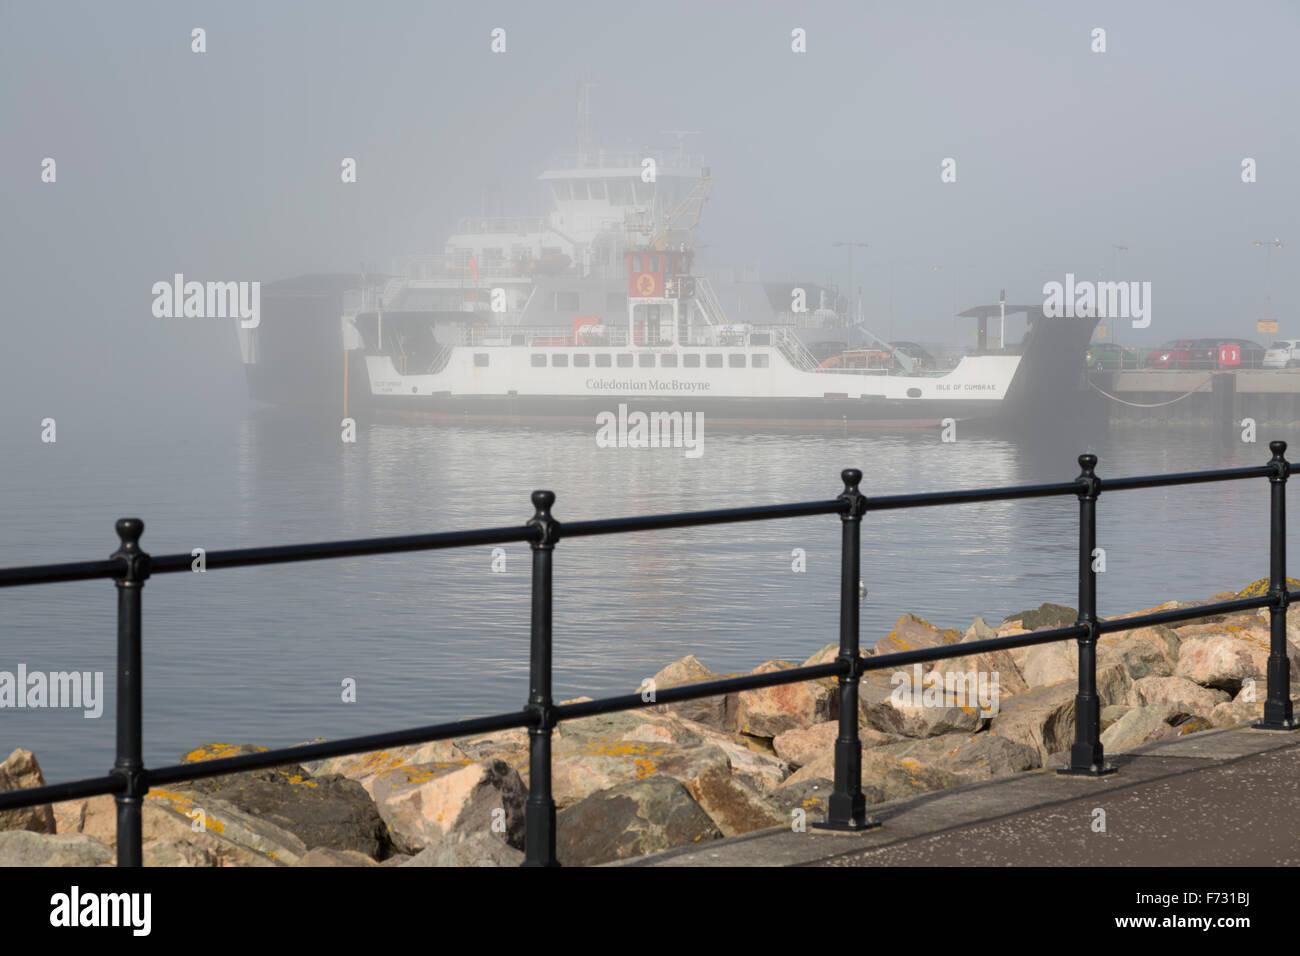 Caledonian MacBrayne Ferries se lie dans le port de Largs sur le Firth de Clyde dans le nord de l'Ayrshire à cause du brouillard, au Royaume-Uni Banque D'Images